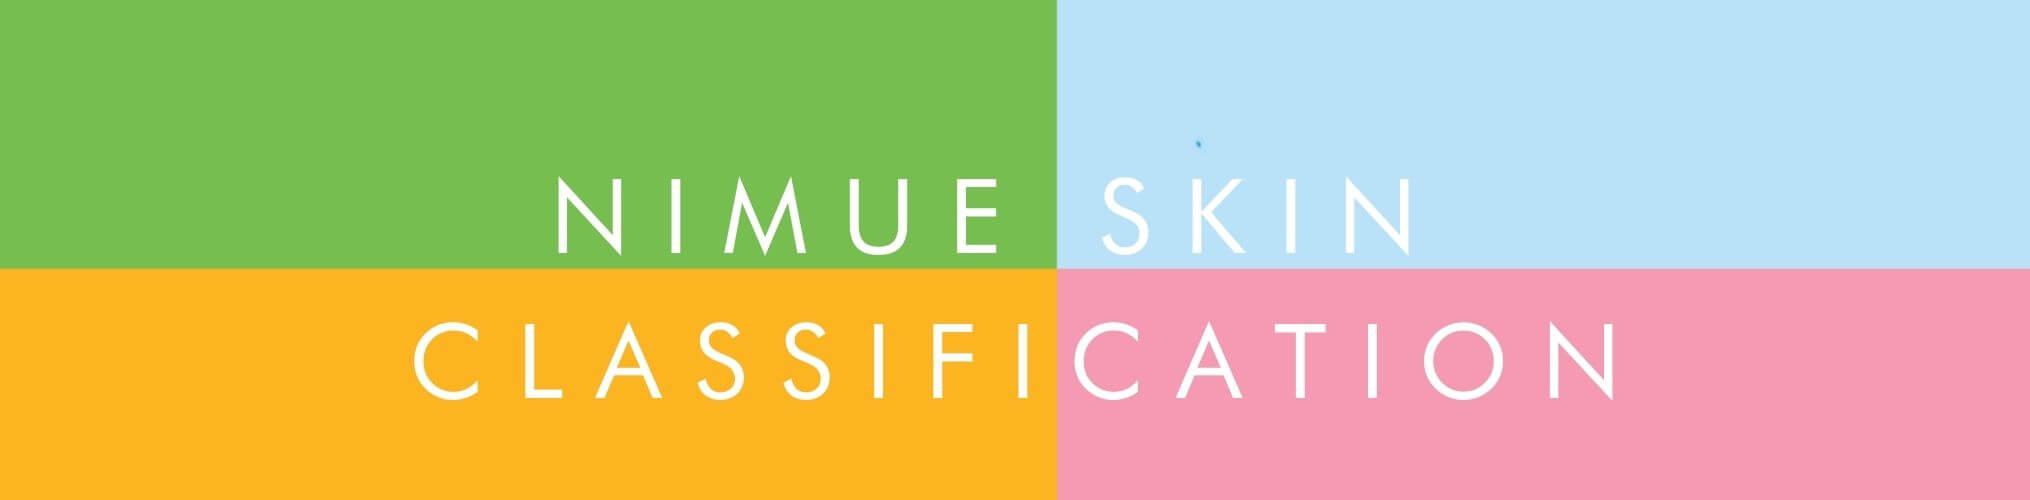 Nimue Skin Classifiaction